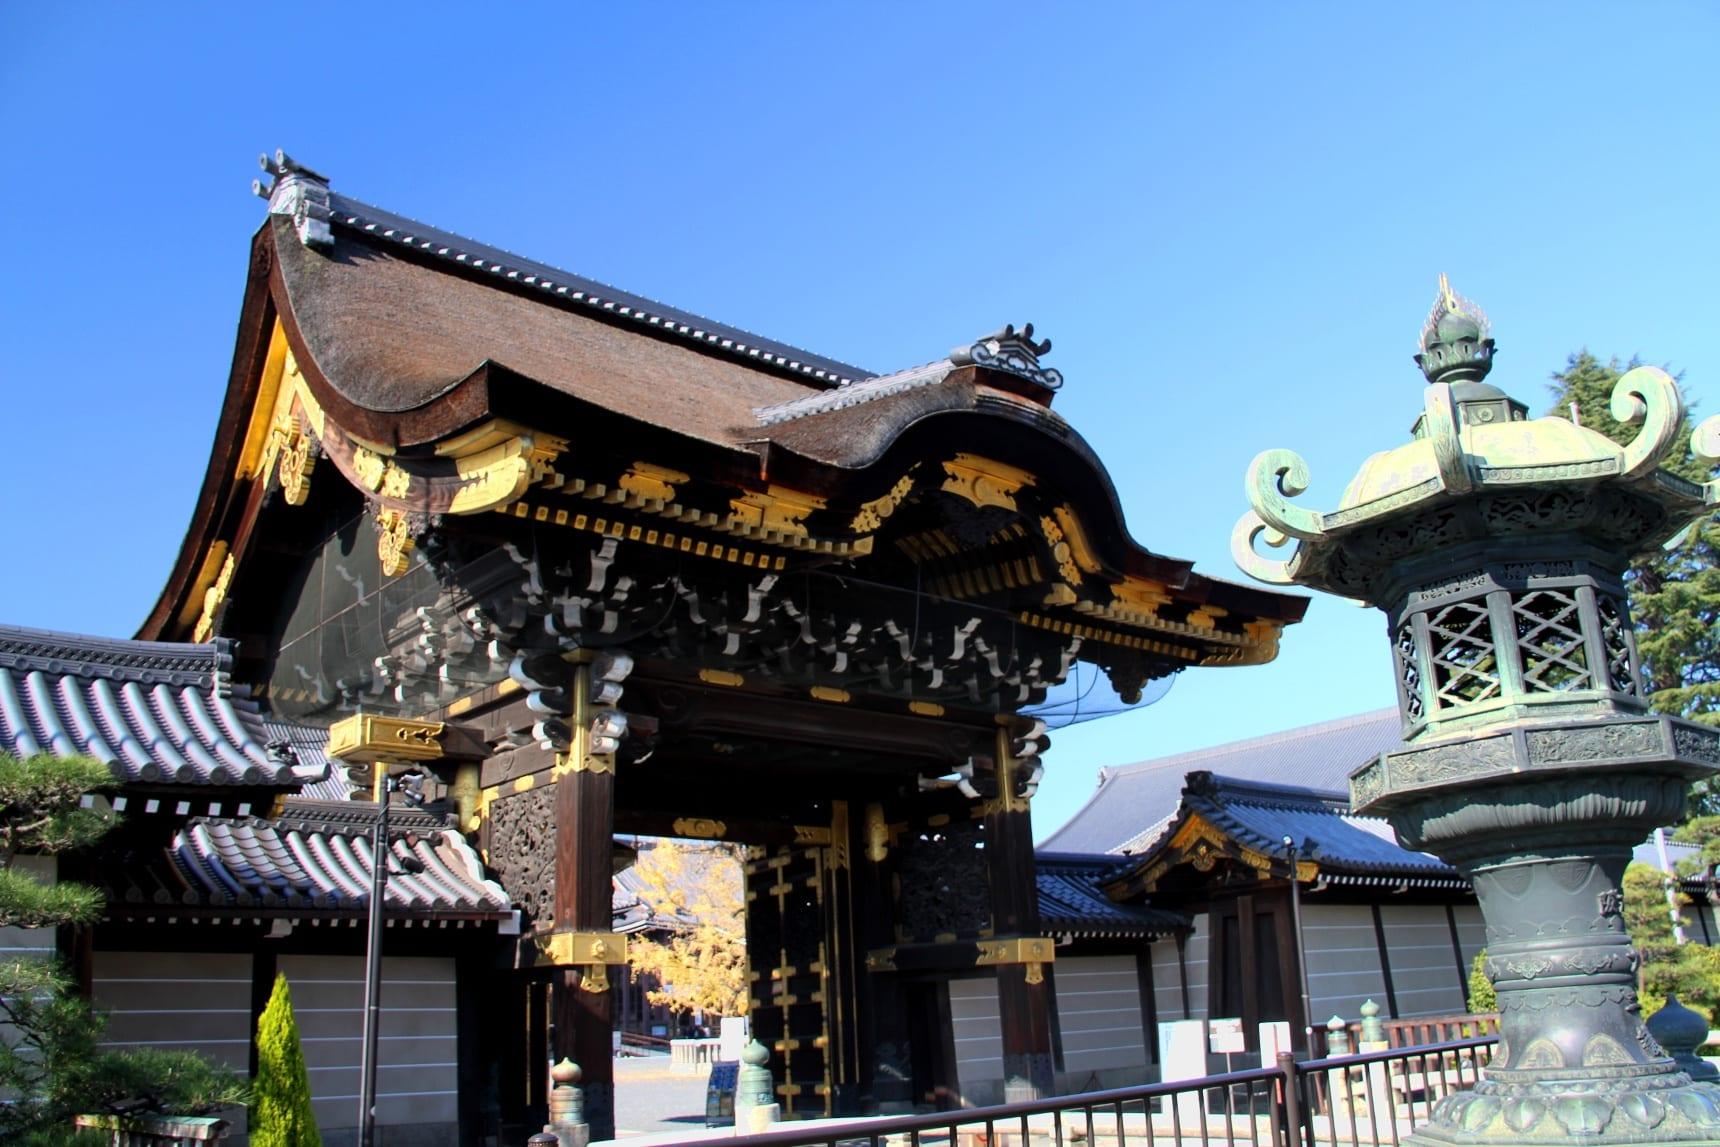 2017 京都の紅葉 西本願寺の銀杏 - おかたんのブログ